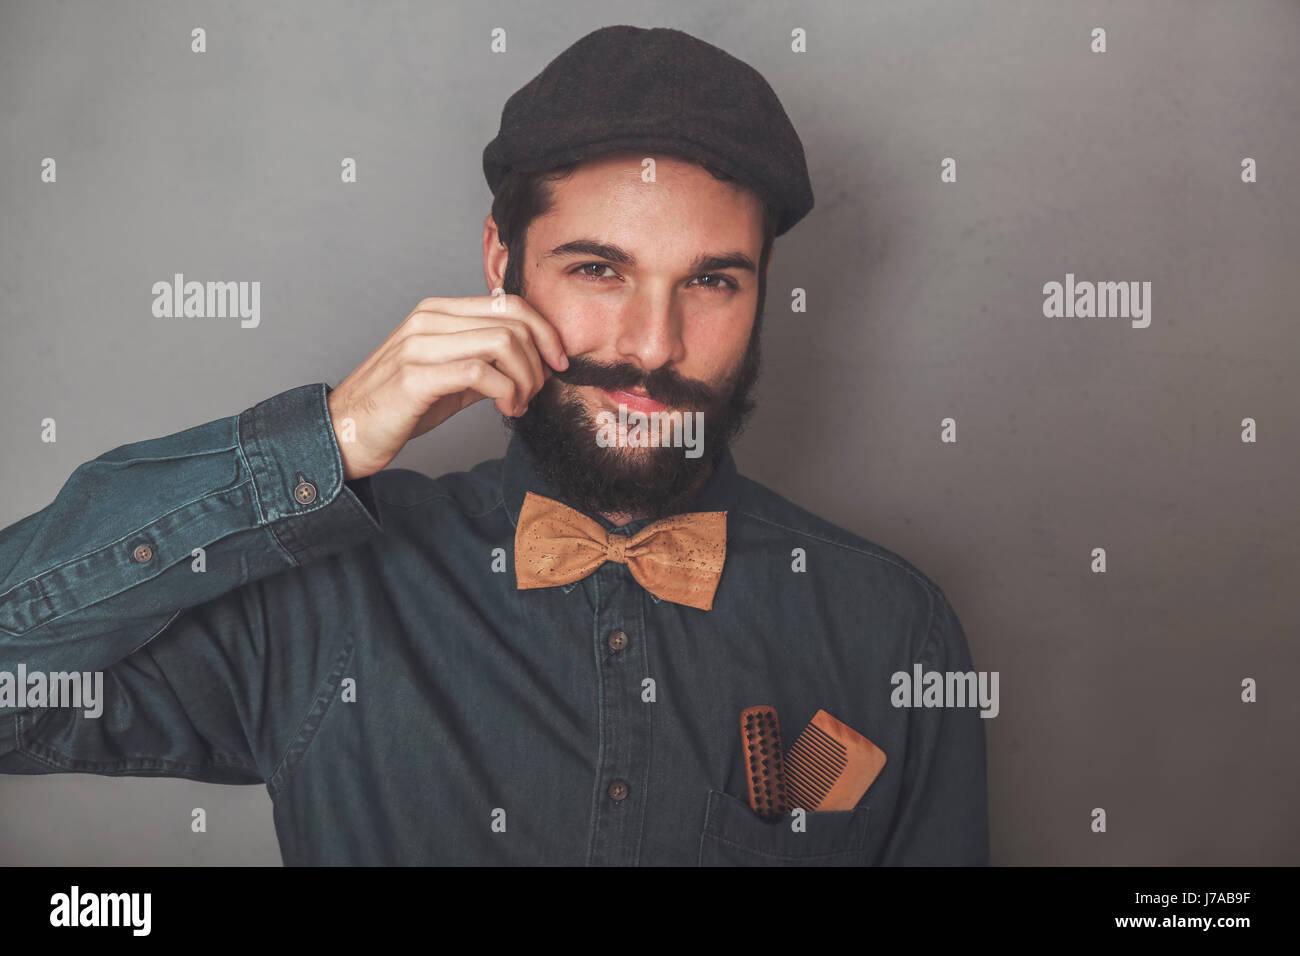 a6f778442e3 Portrait of bearded man wearing cap